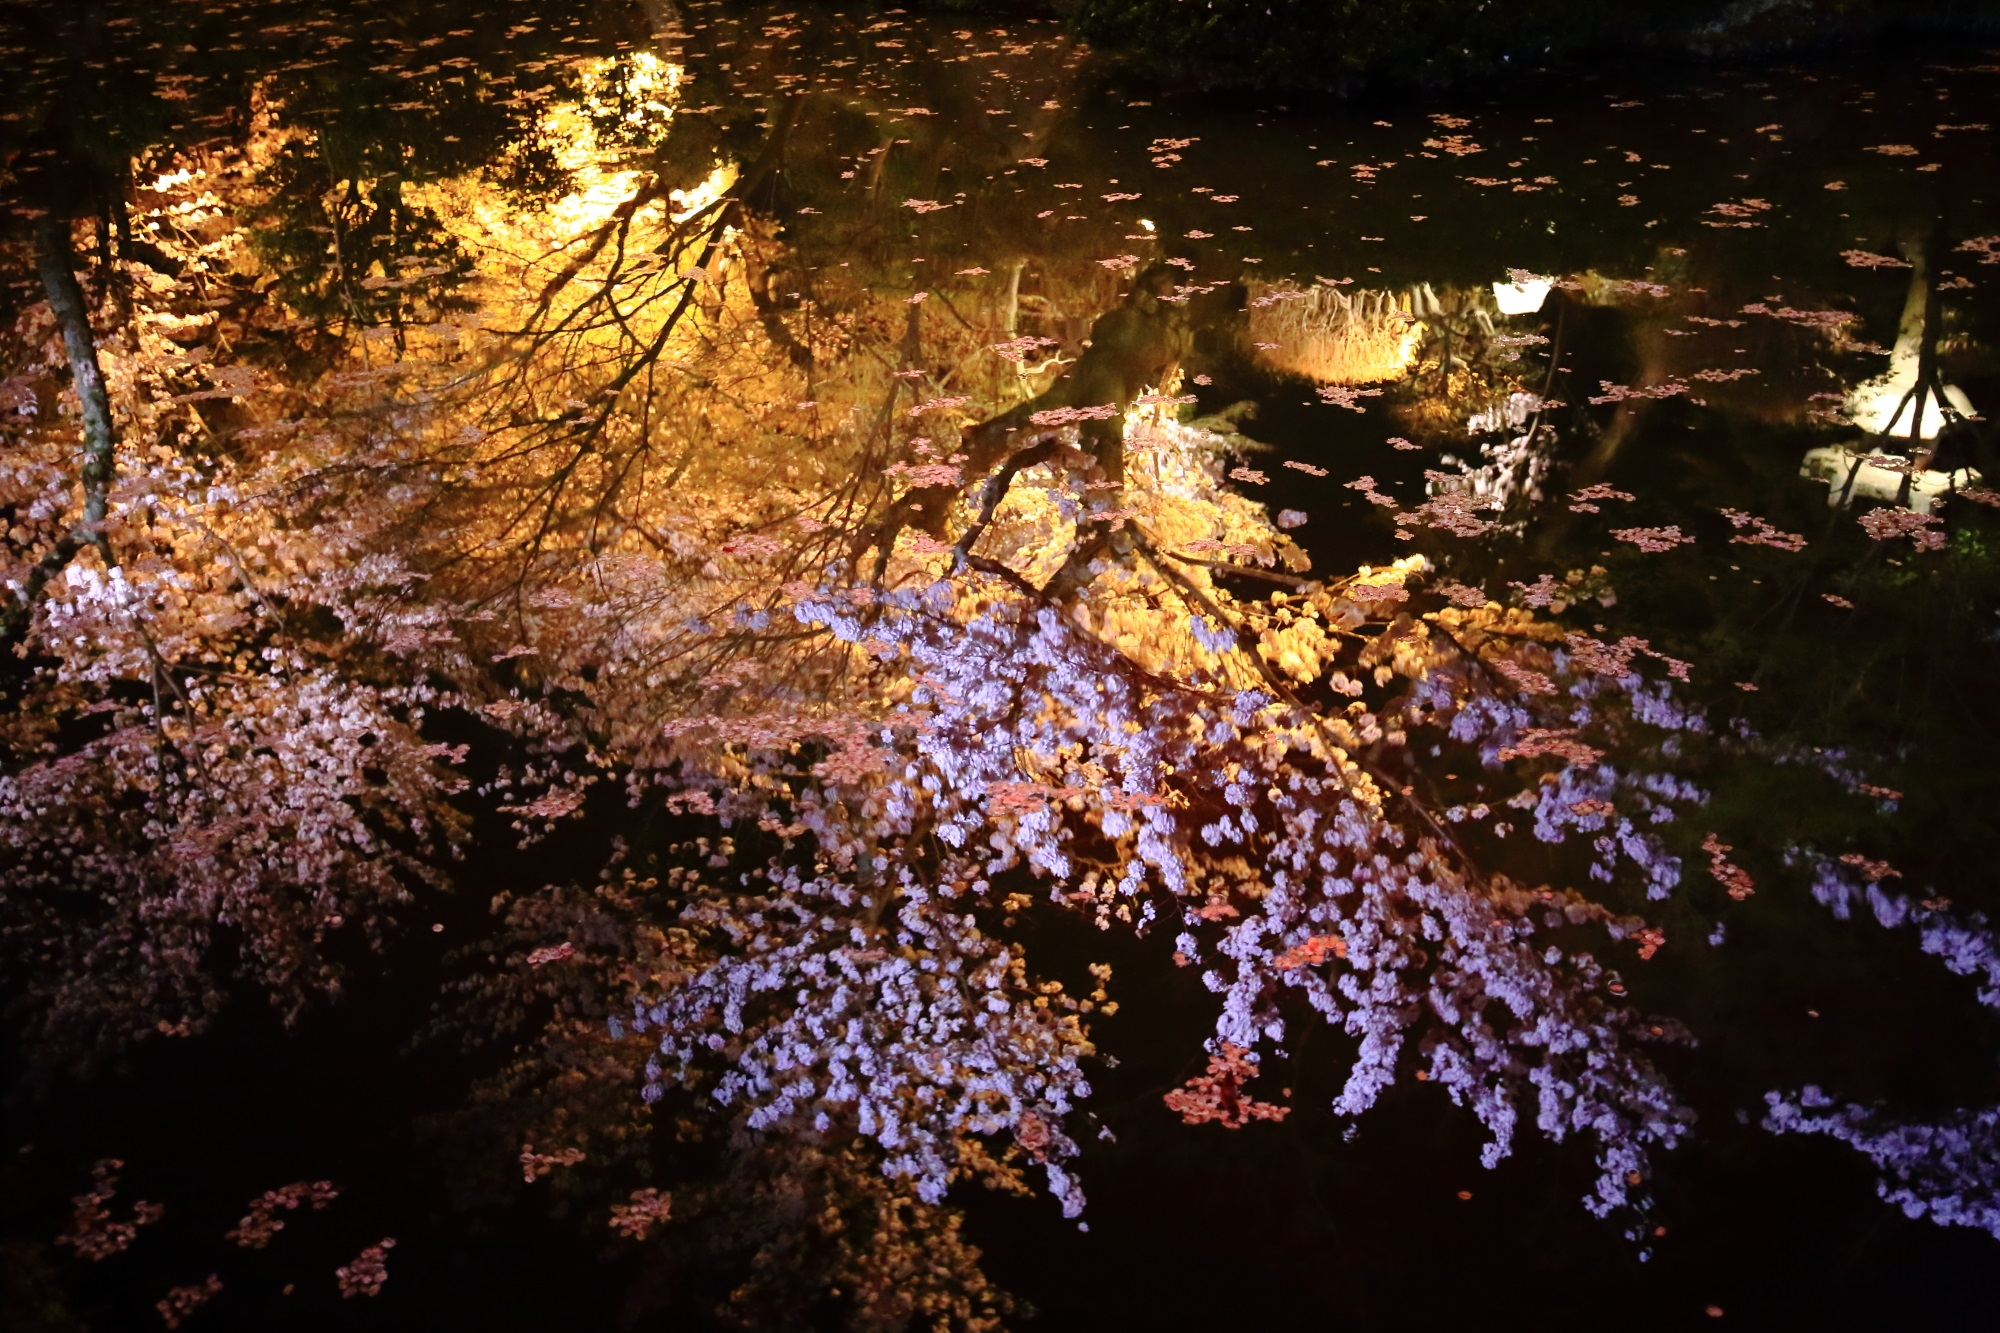 美しすぎる春の彩りの圧巻の夜桜の水鏡